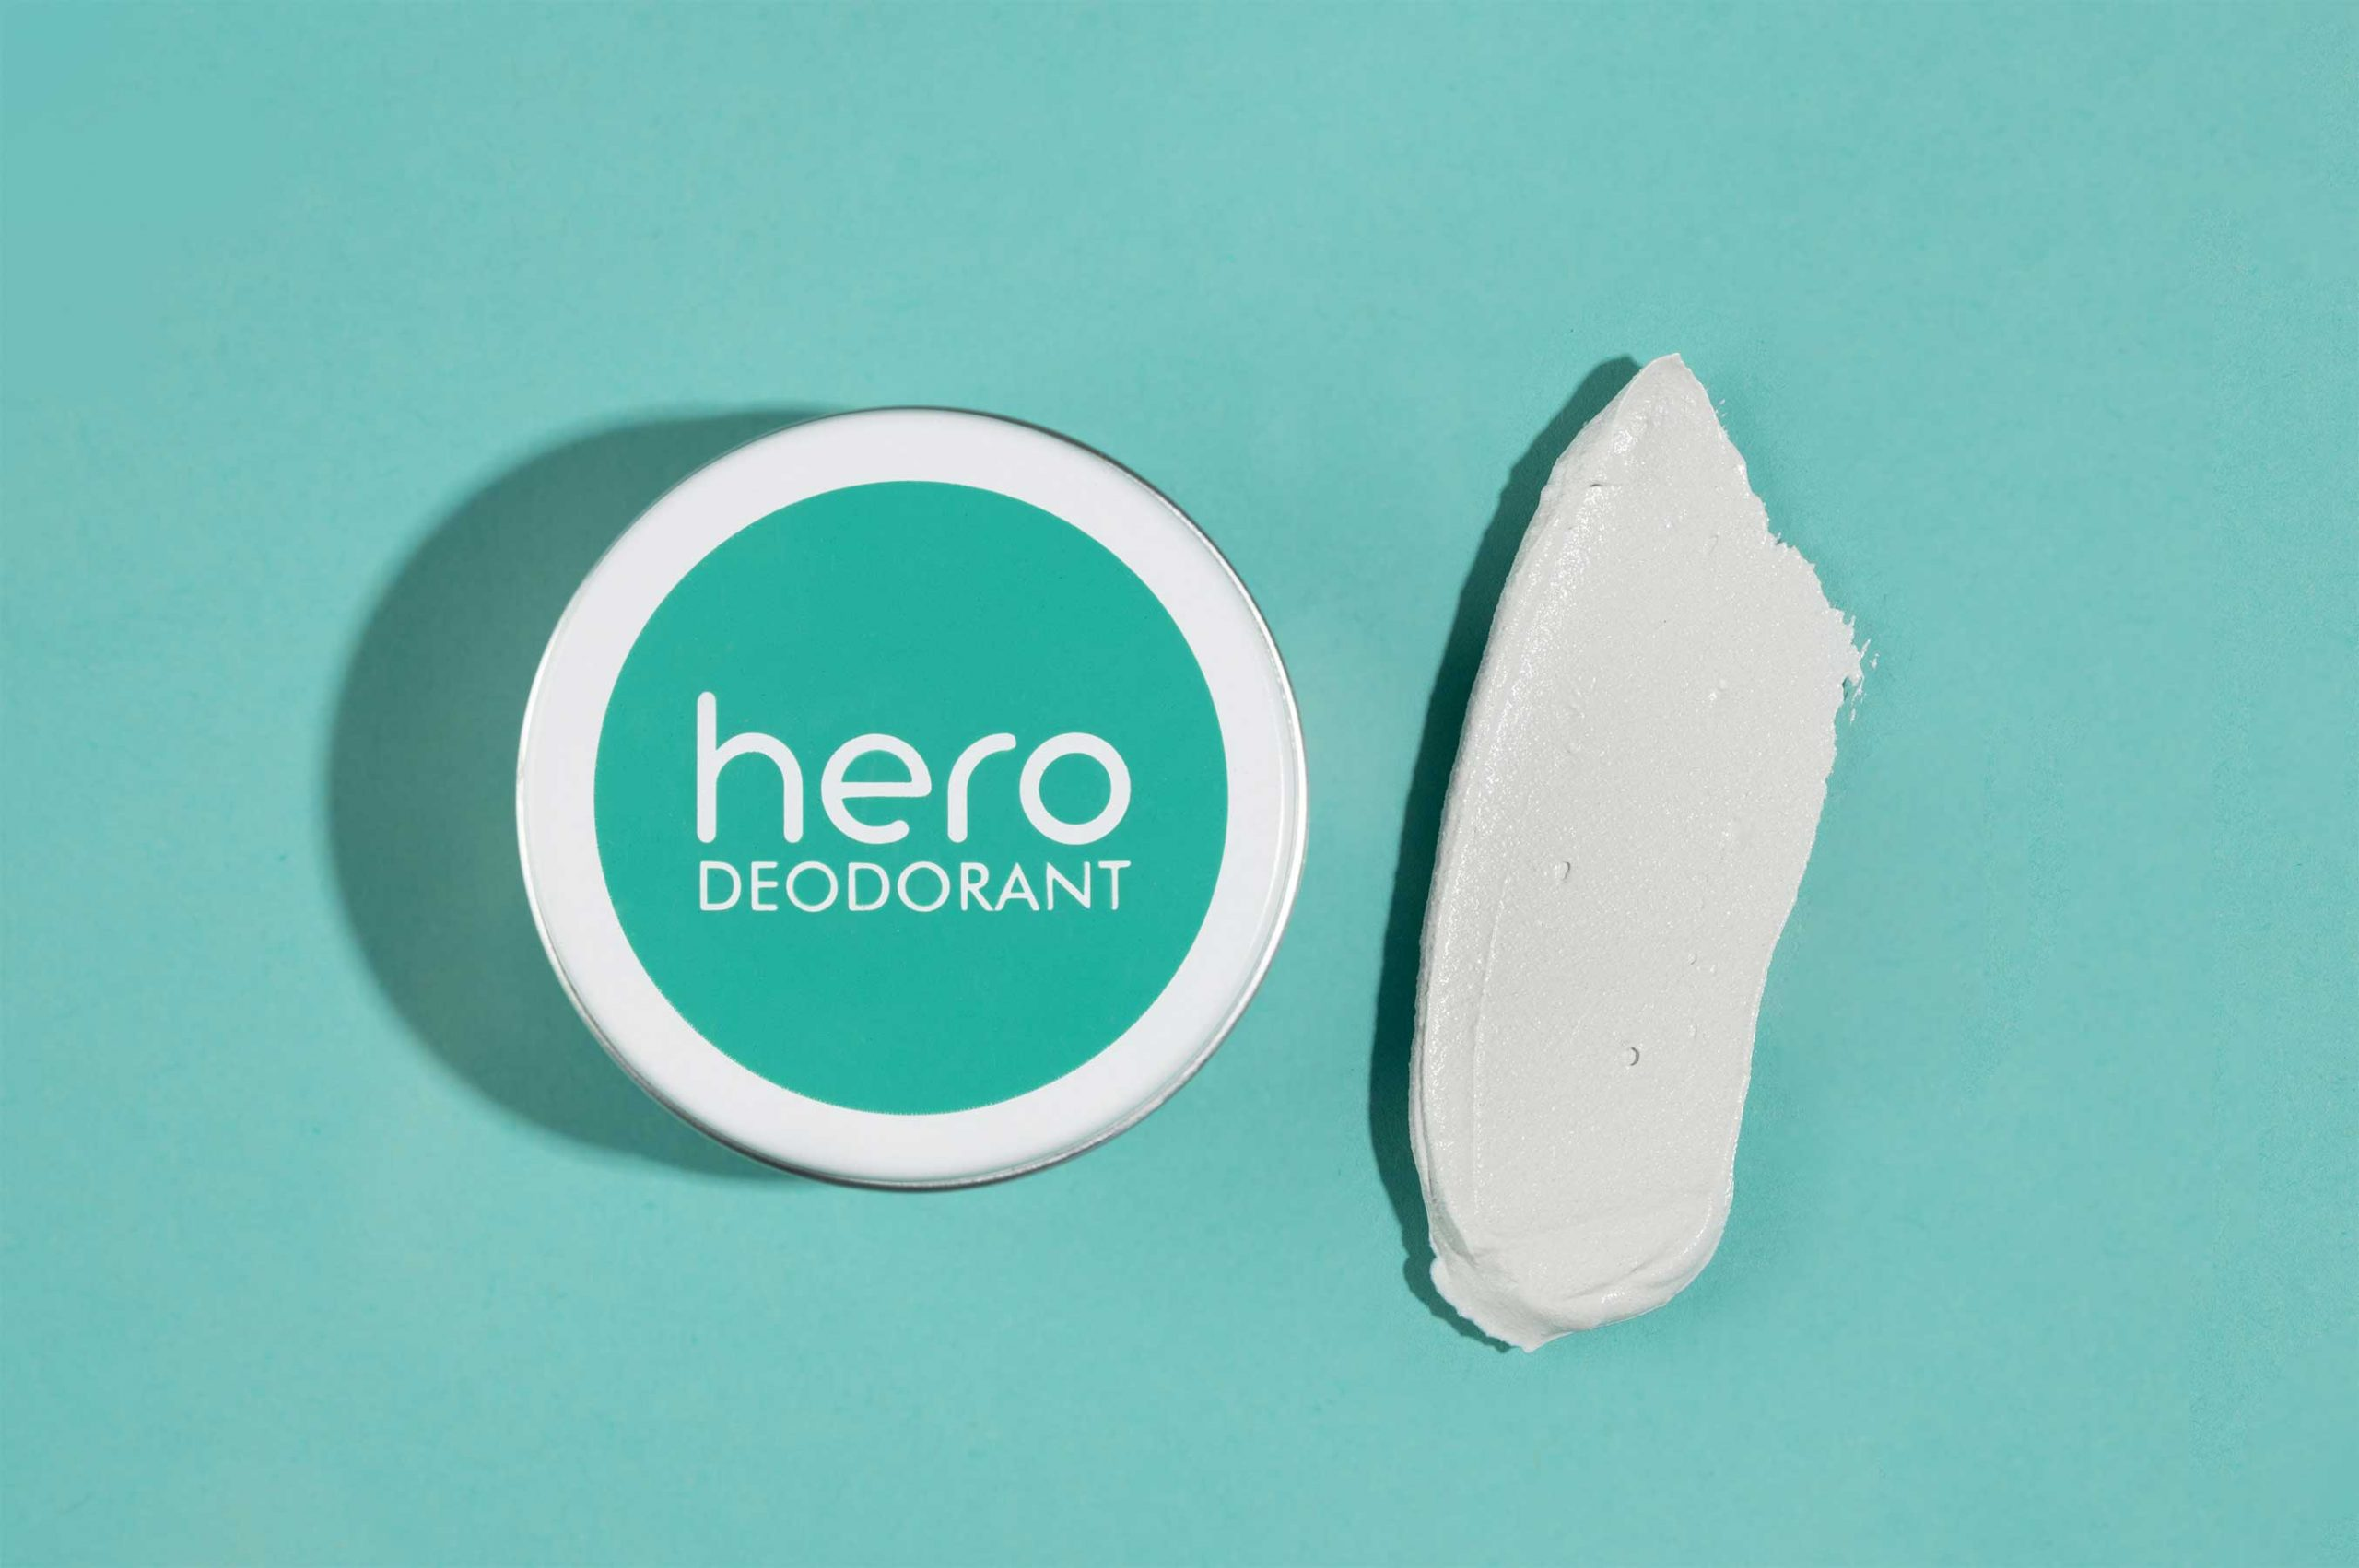 Hero Deodorant, primer desodorante inteligente sin plástico hecho en España